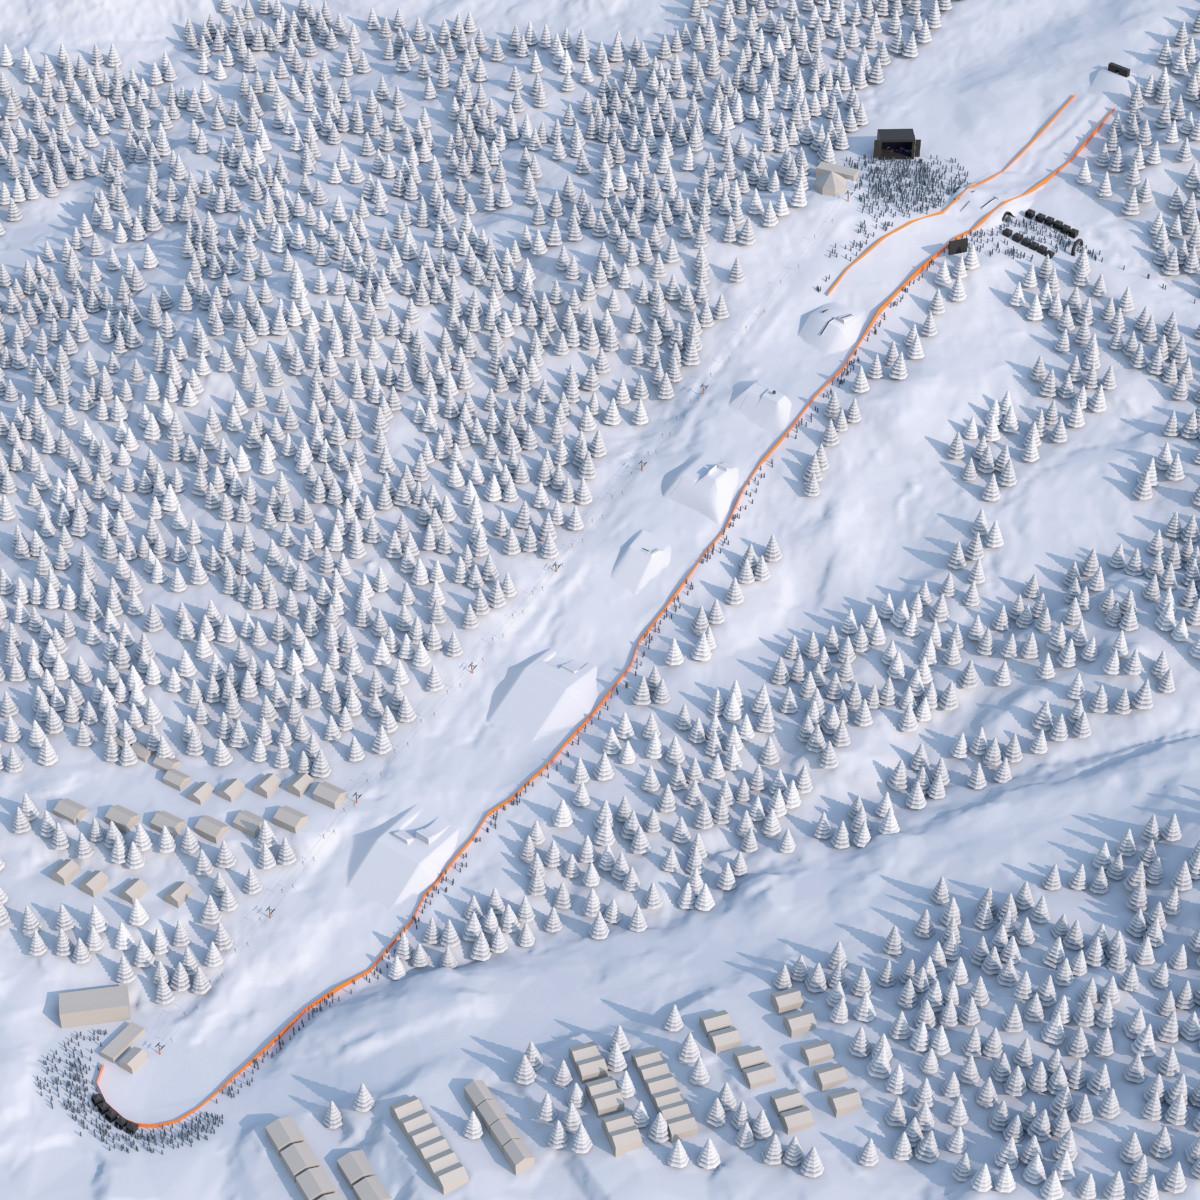 Slik ser Air+Style for seg at løypetraseen kan bli i Narvik i 2018. Med start i Andrebakken like over Asbjørnstua og med målgang nede ved bunn Førsteheisen. Ved Asbjørnstia planlegges det stor musikkscene og sponsorlandsby.